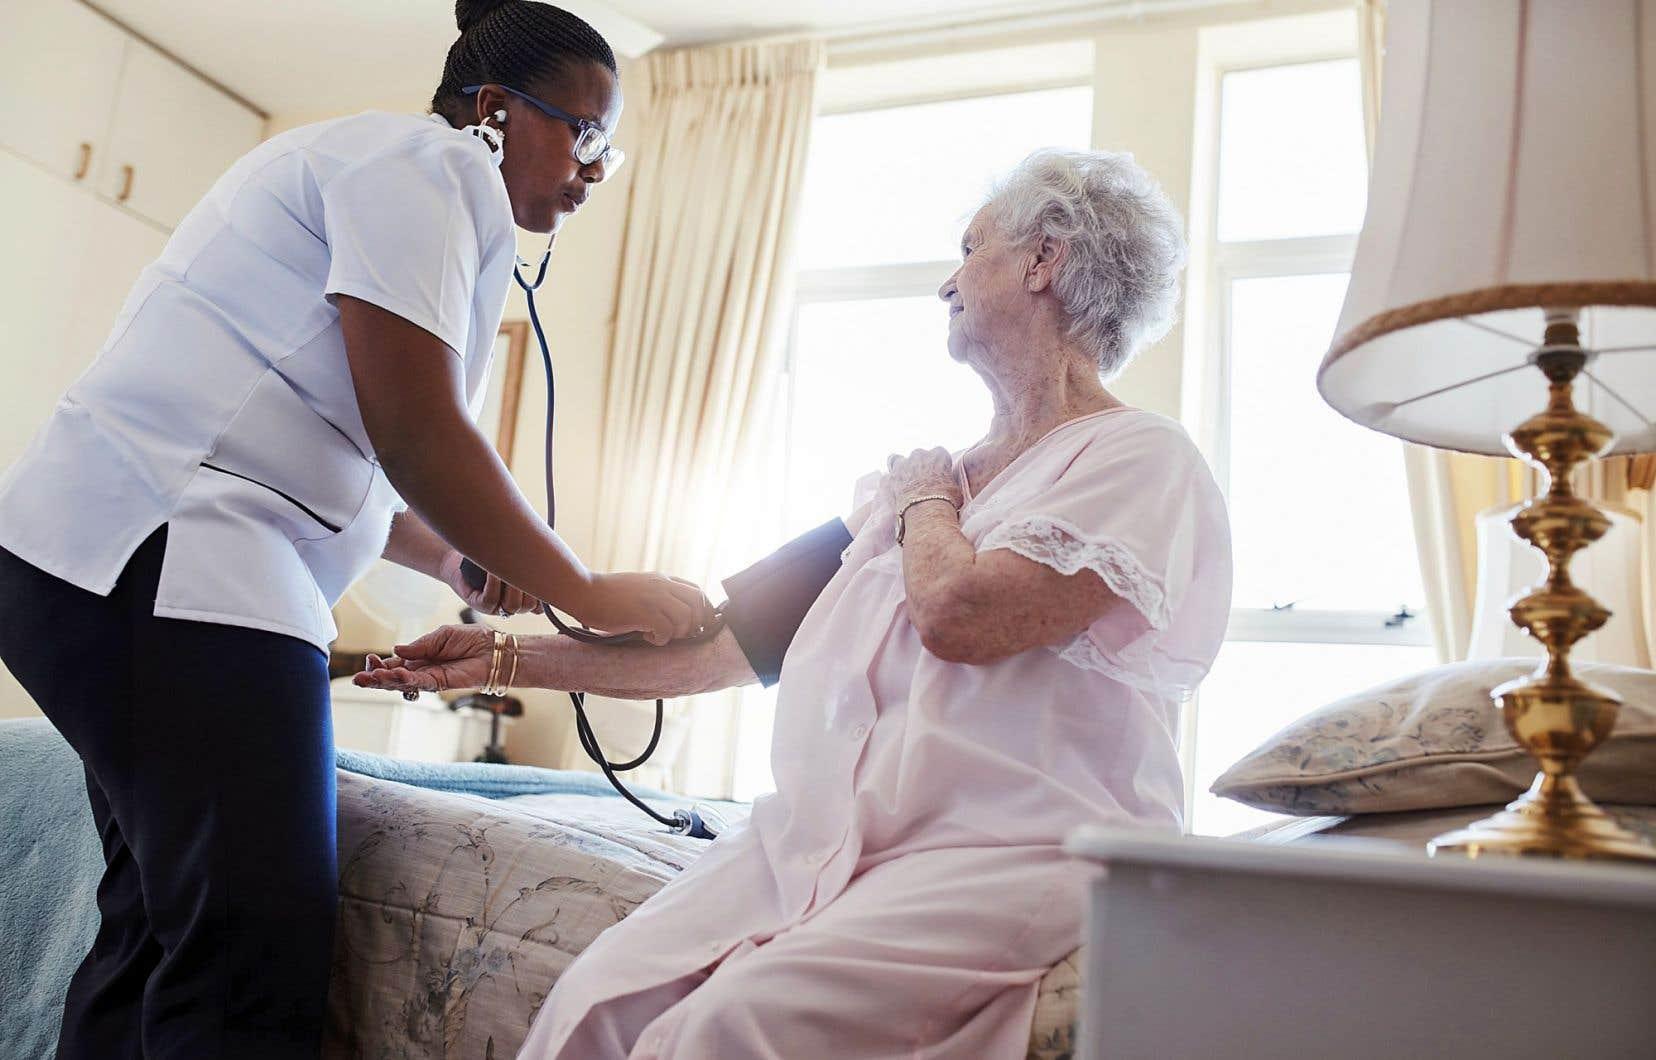 Les infirmières sont généralement satisfaites de leur salaire et de leur niveau de responsabilité, mais leur sentiment d'appartenance et de reconnaissance se situe en deçà de la moyenne.